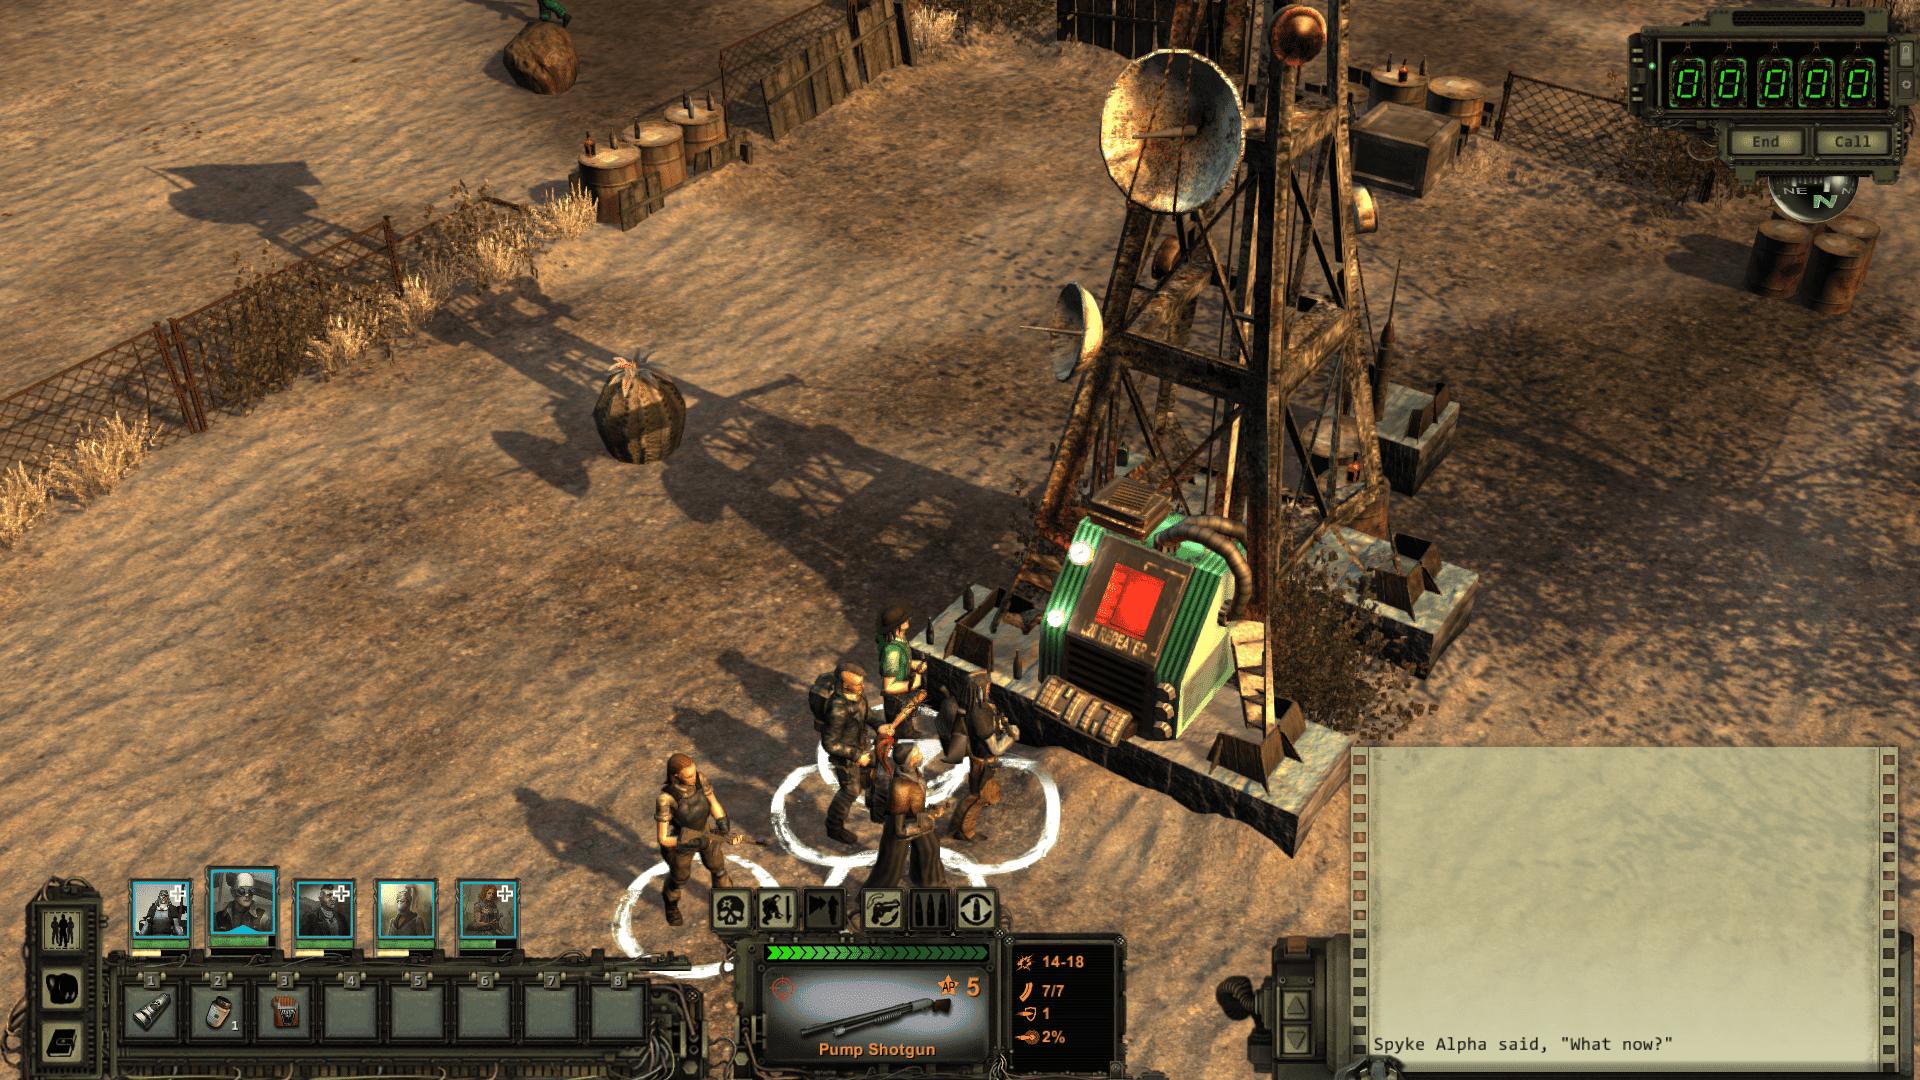 wasteland 2 free games pc download